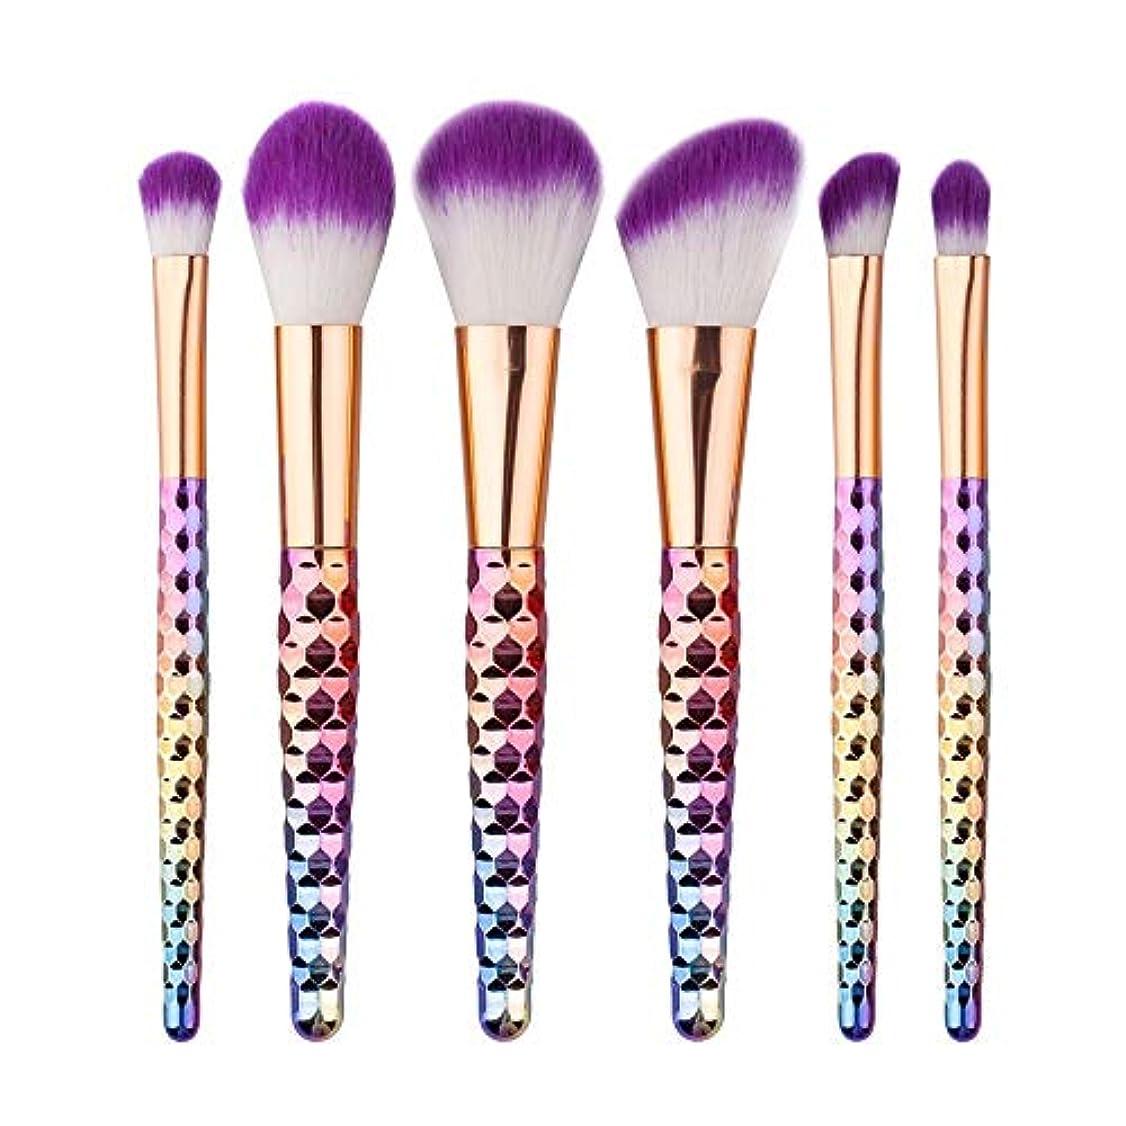 偽物導体ひどくMakeup brushes 美容ガールメイクブラシダイヤモンド鍛造ダイヤモンドハンドル6パックセットメイクアイシャドウブラシ美容ツール suits (Color : Colorful)